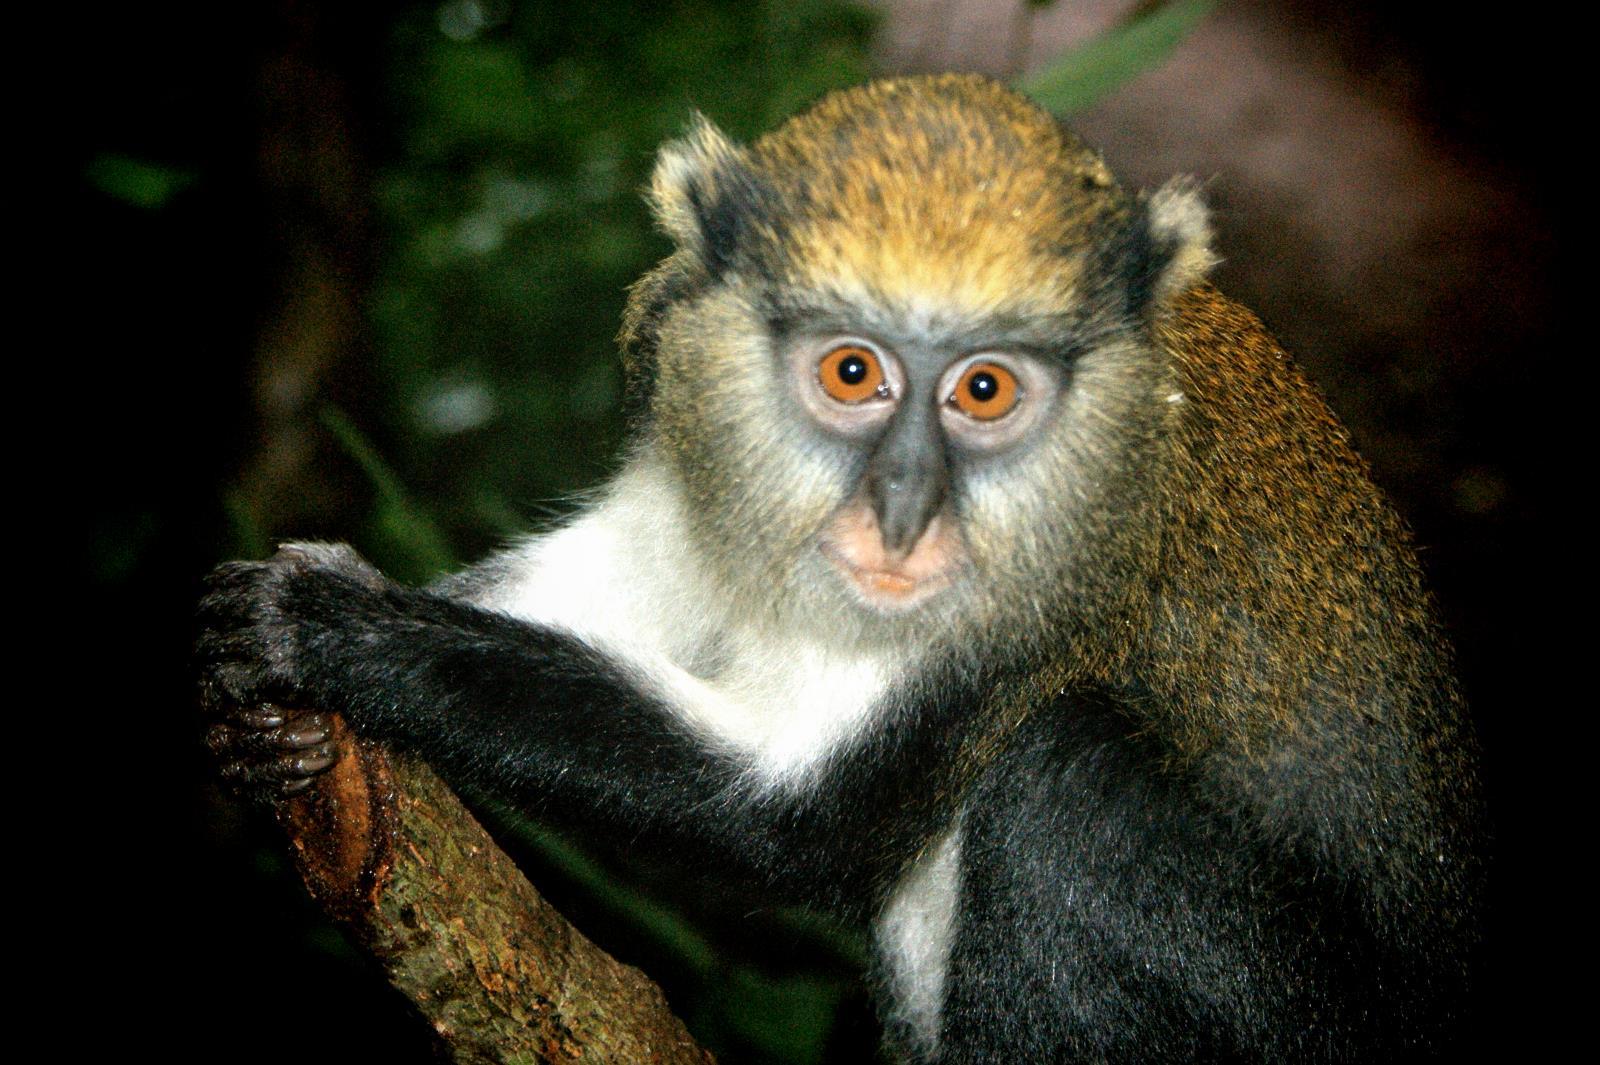 Primate Tracking at Kibale Forest in Uganda